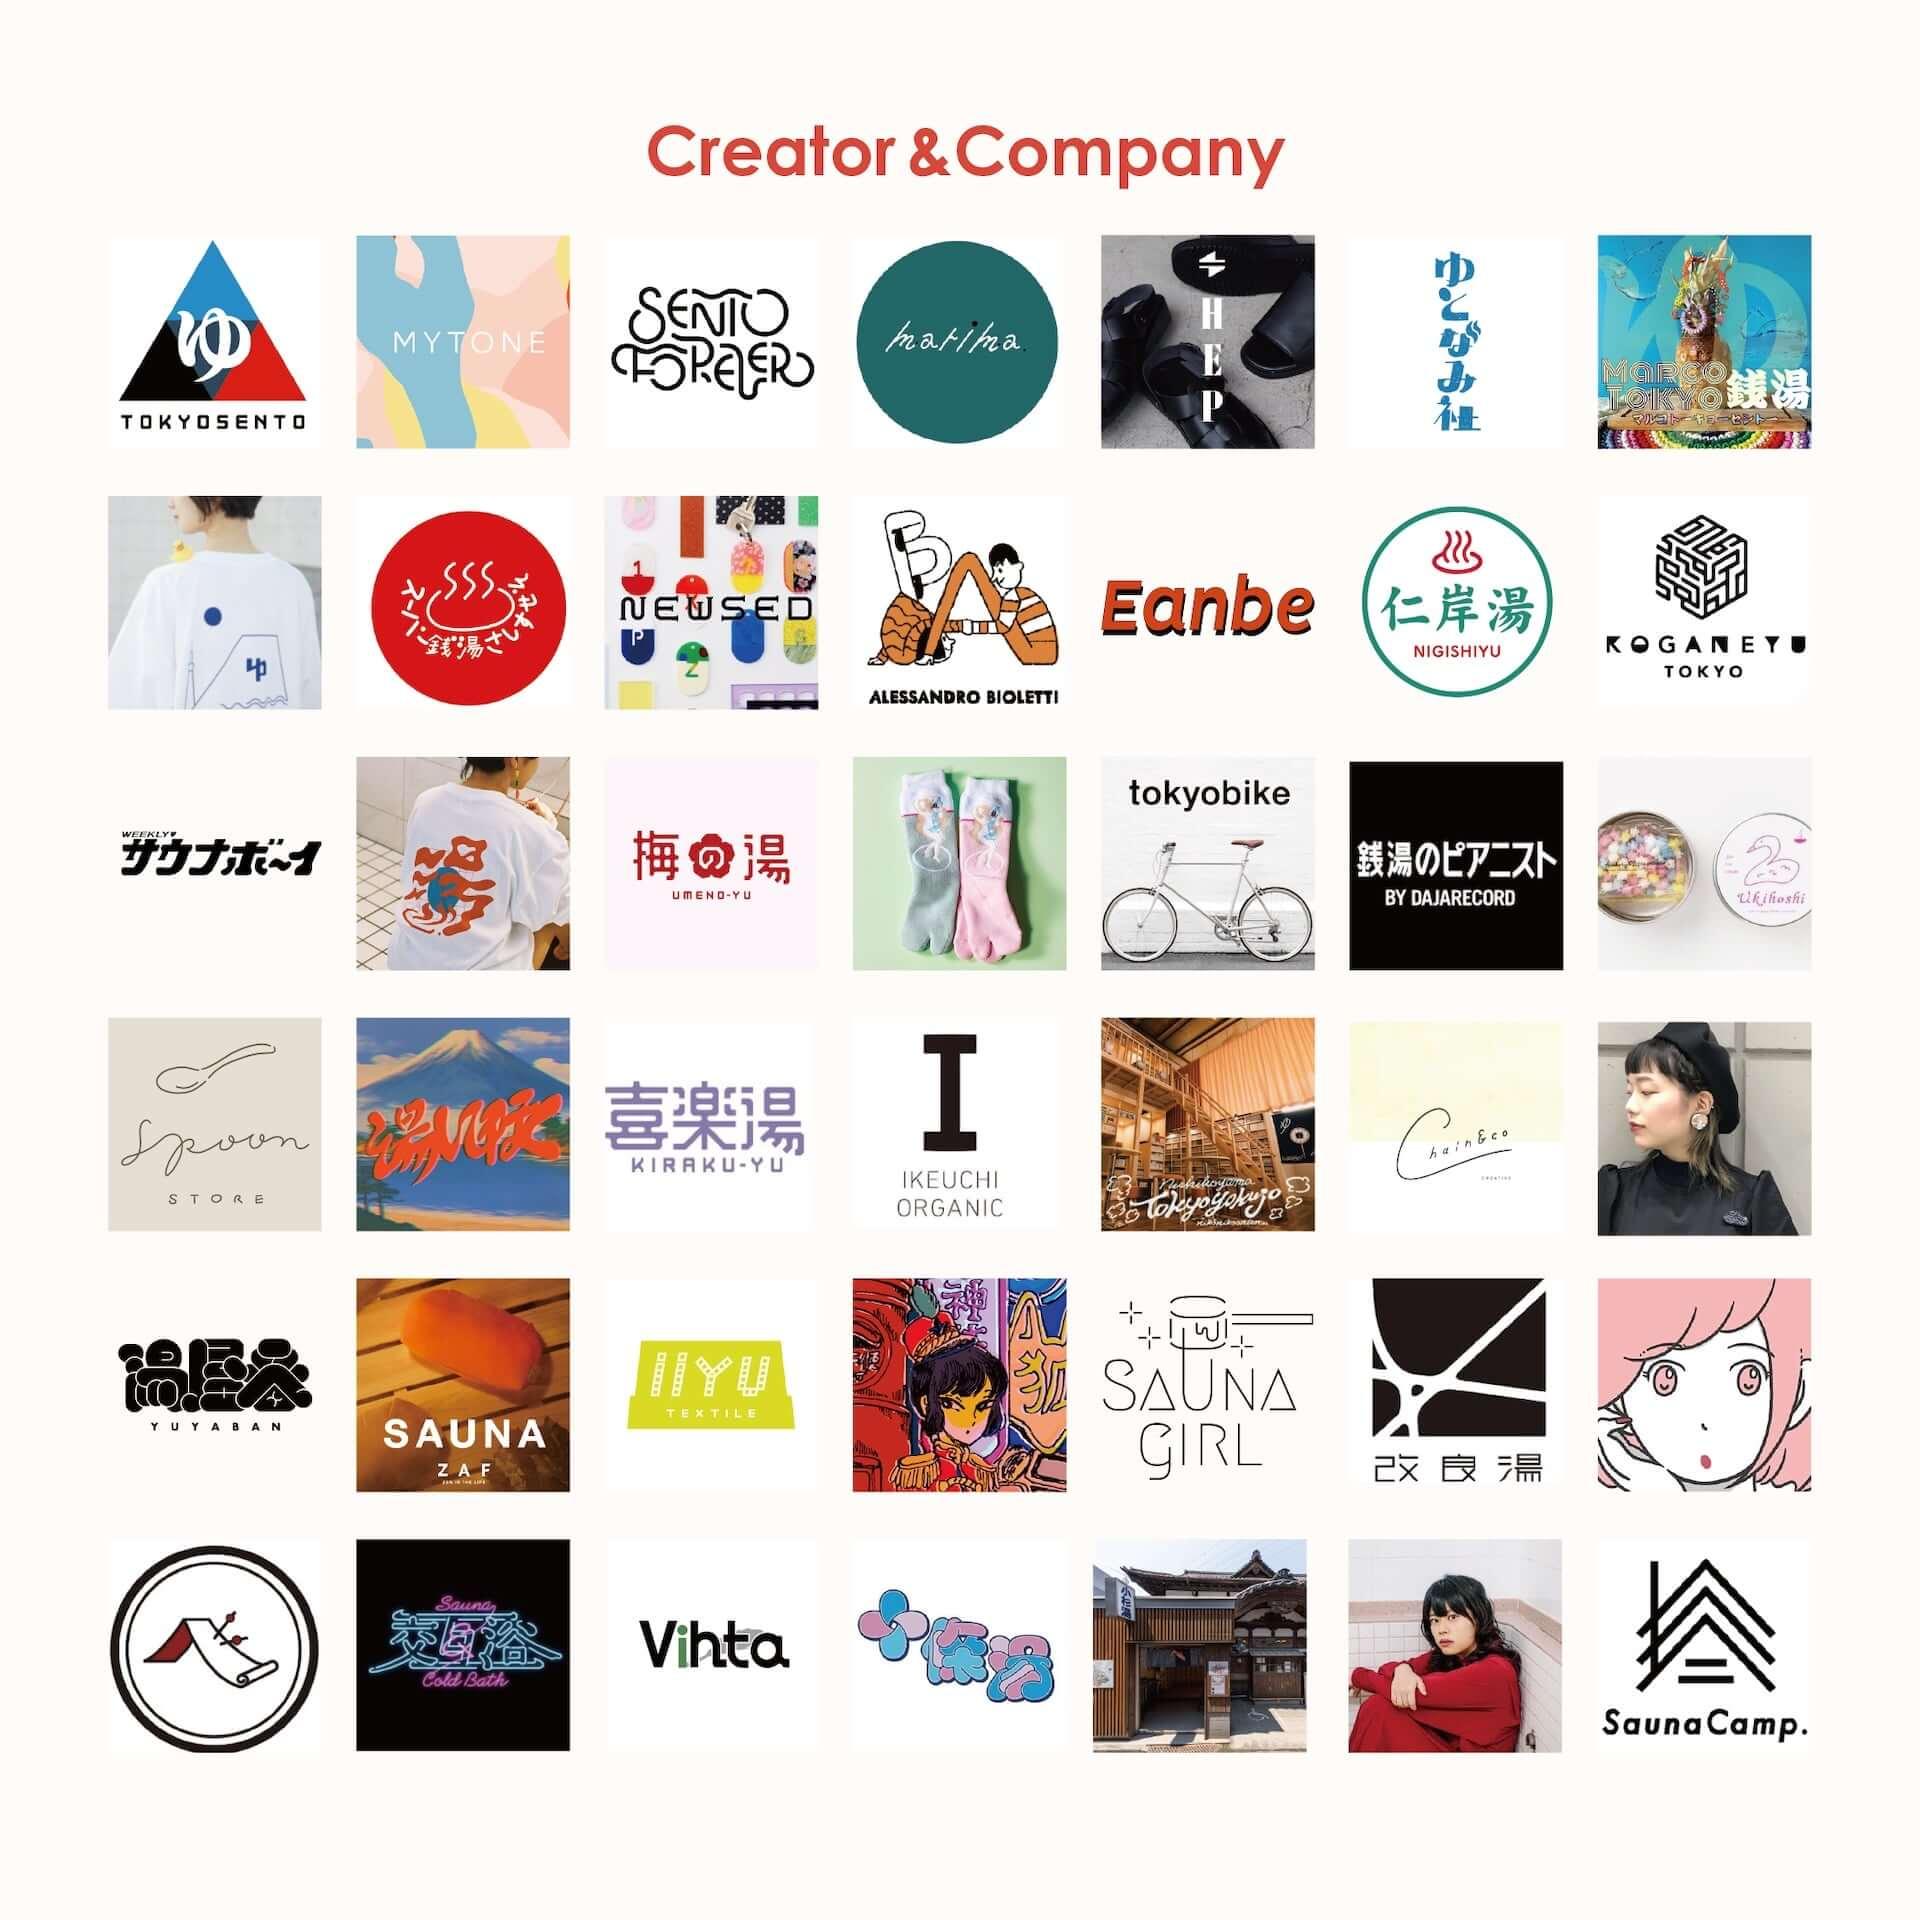 渋谷PARCOのリニューアルオープン1周年記念!銭湯・サウナグッズも買えるイベント<POP UP SENTO パルコ湯>が開催決定 art201105_parco-yu_4-1920x1920